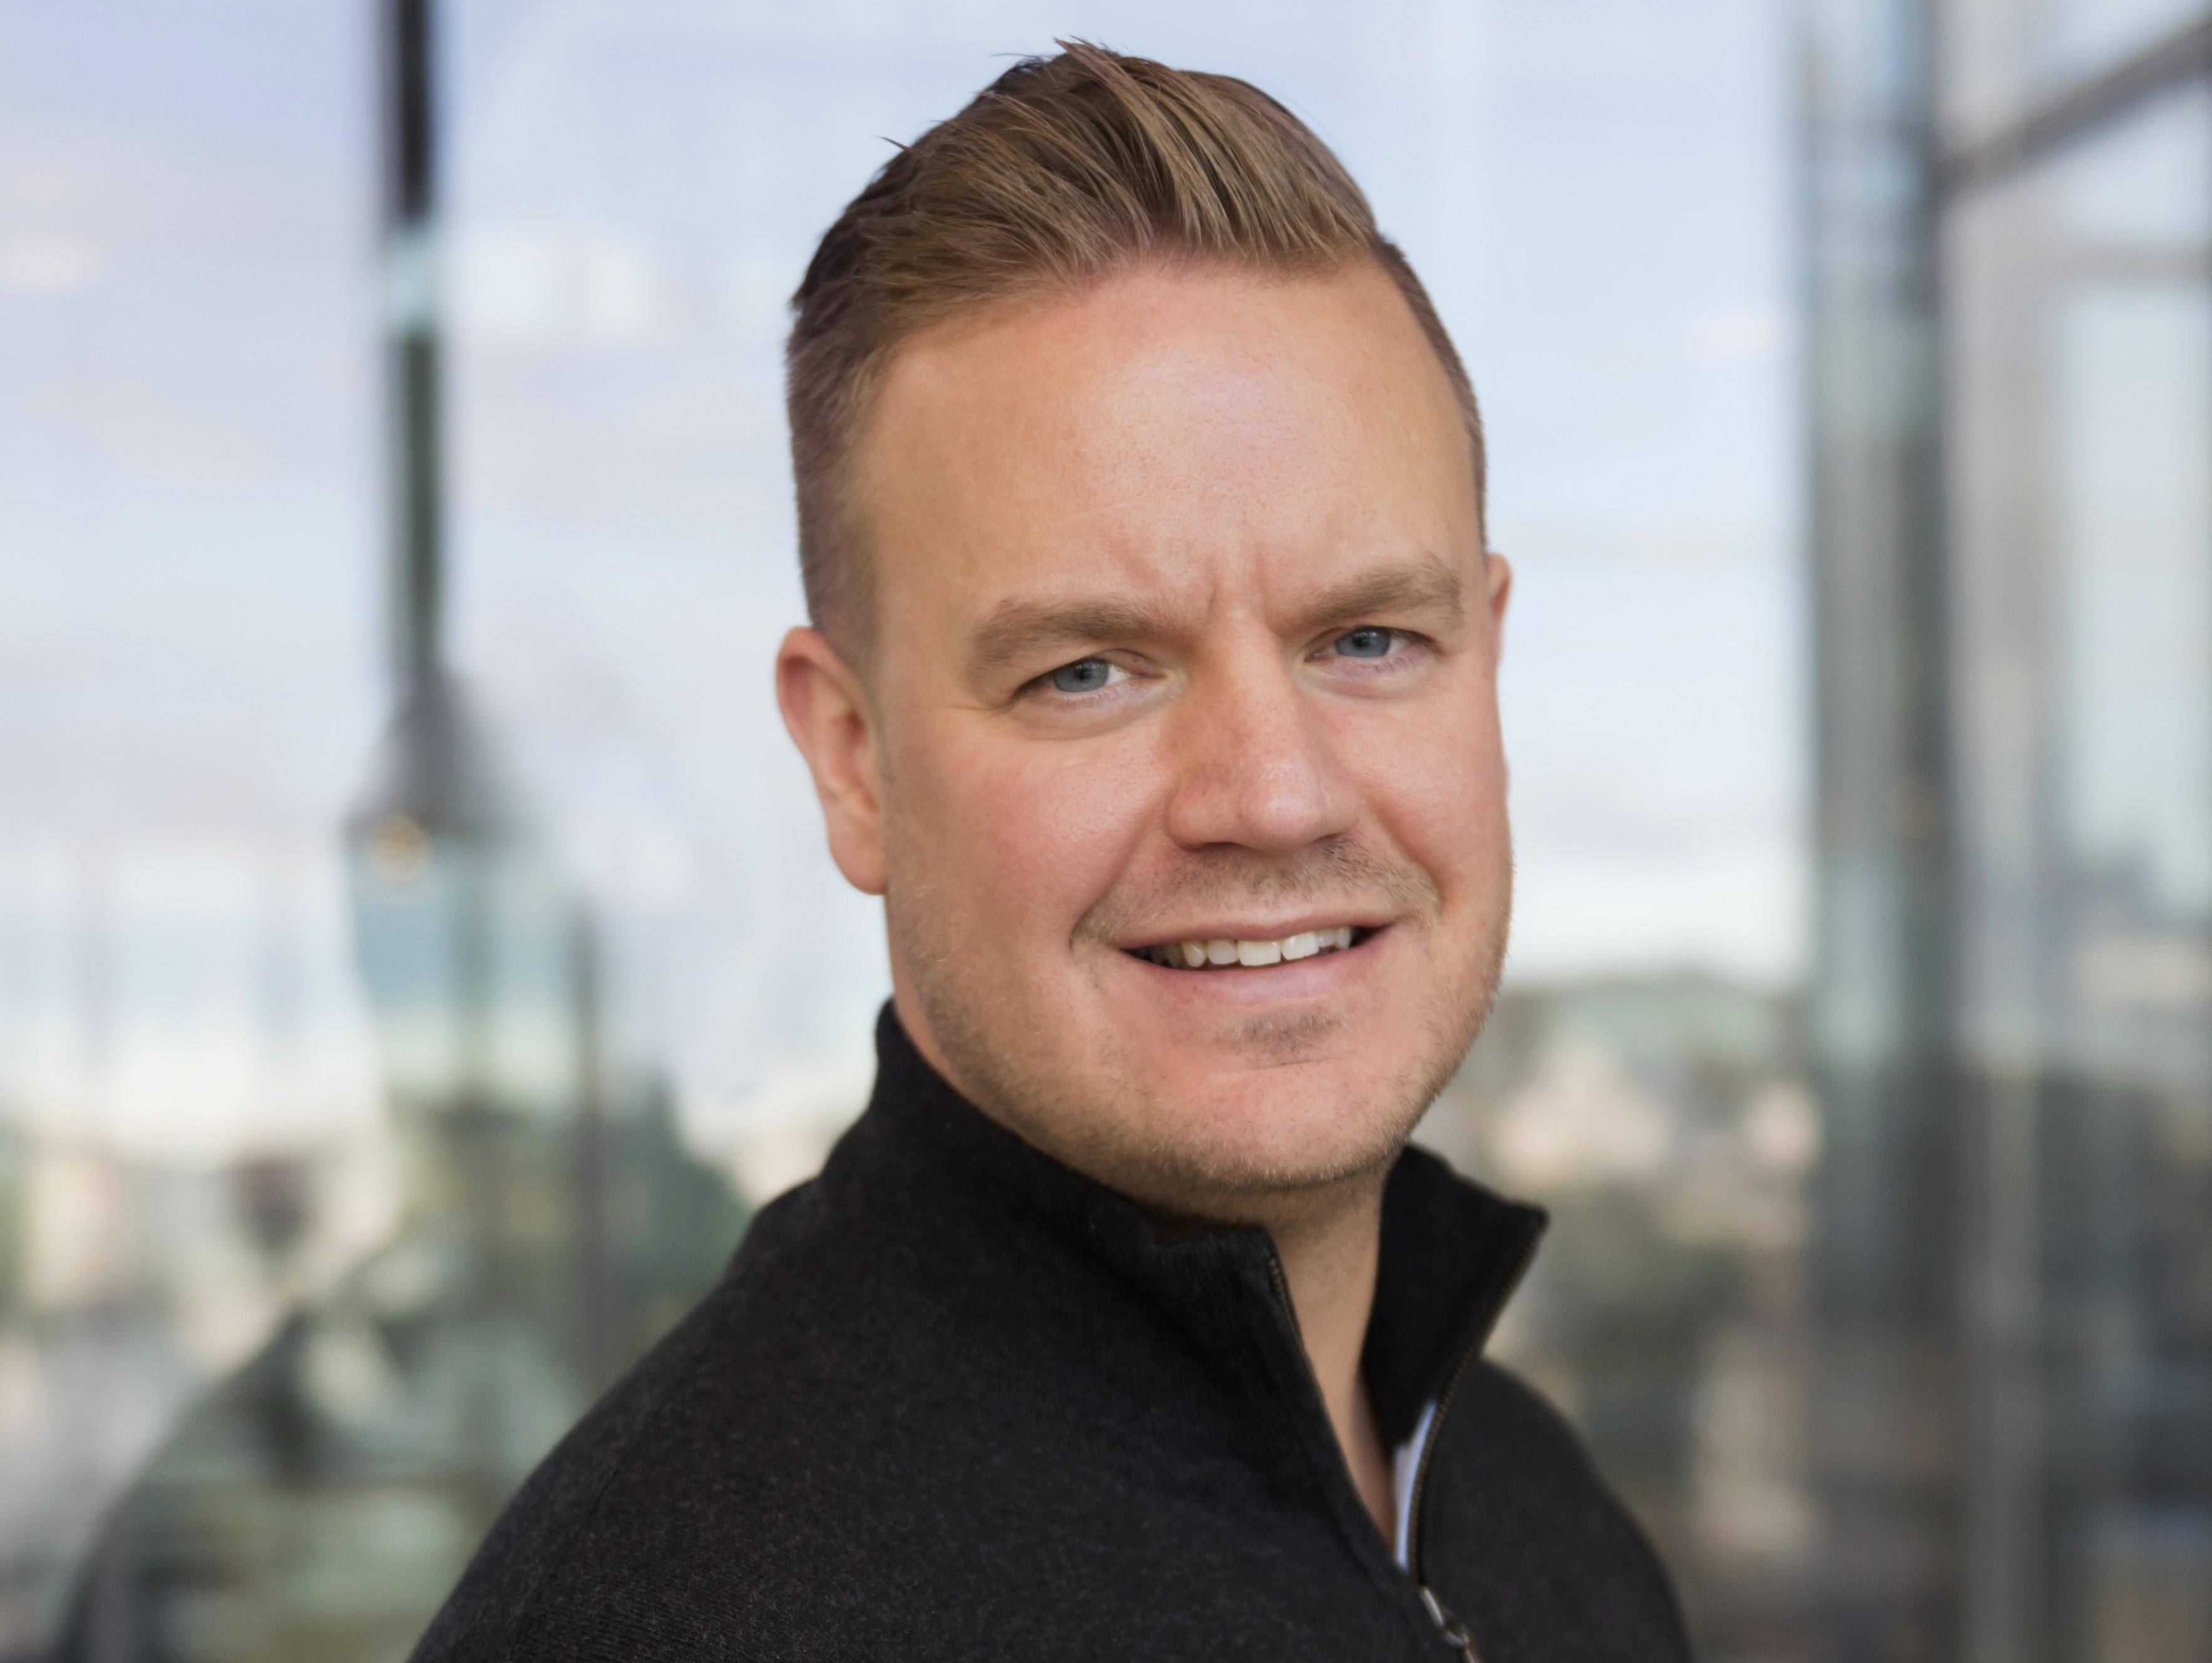 Kjetil Åsvald Åsen